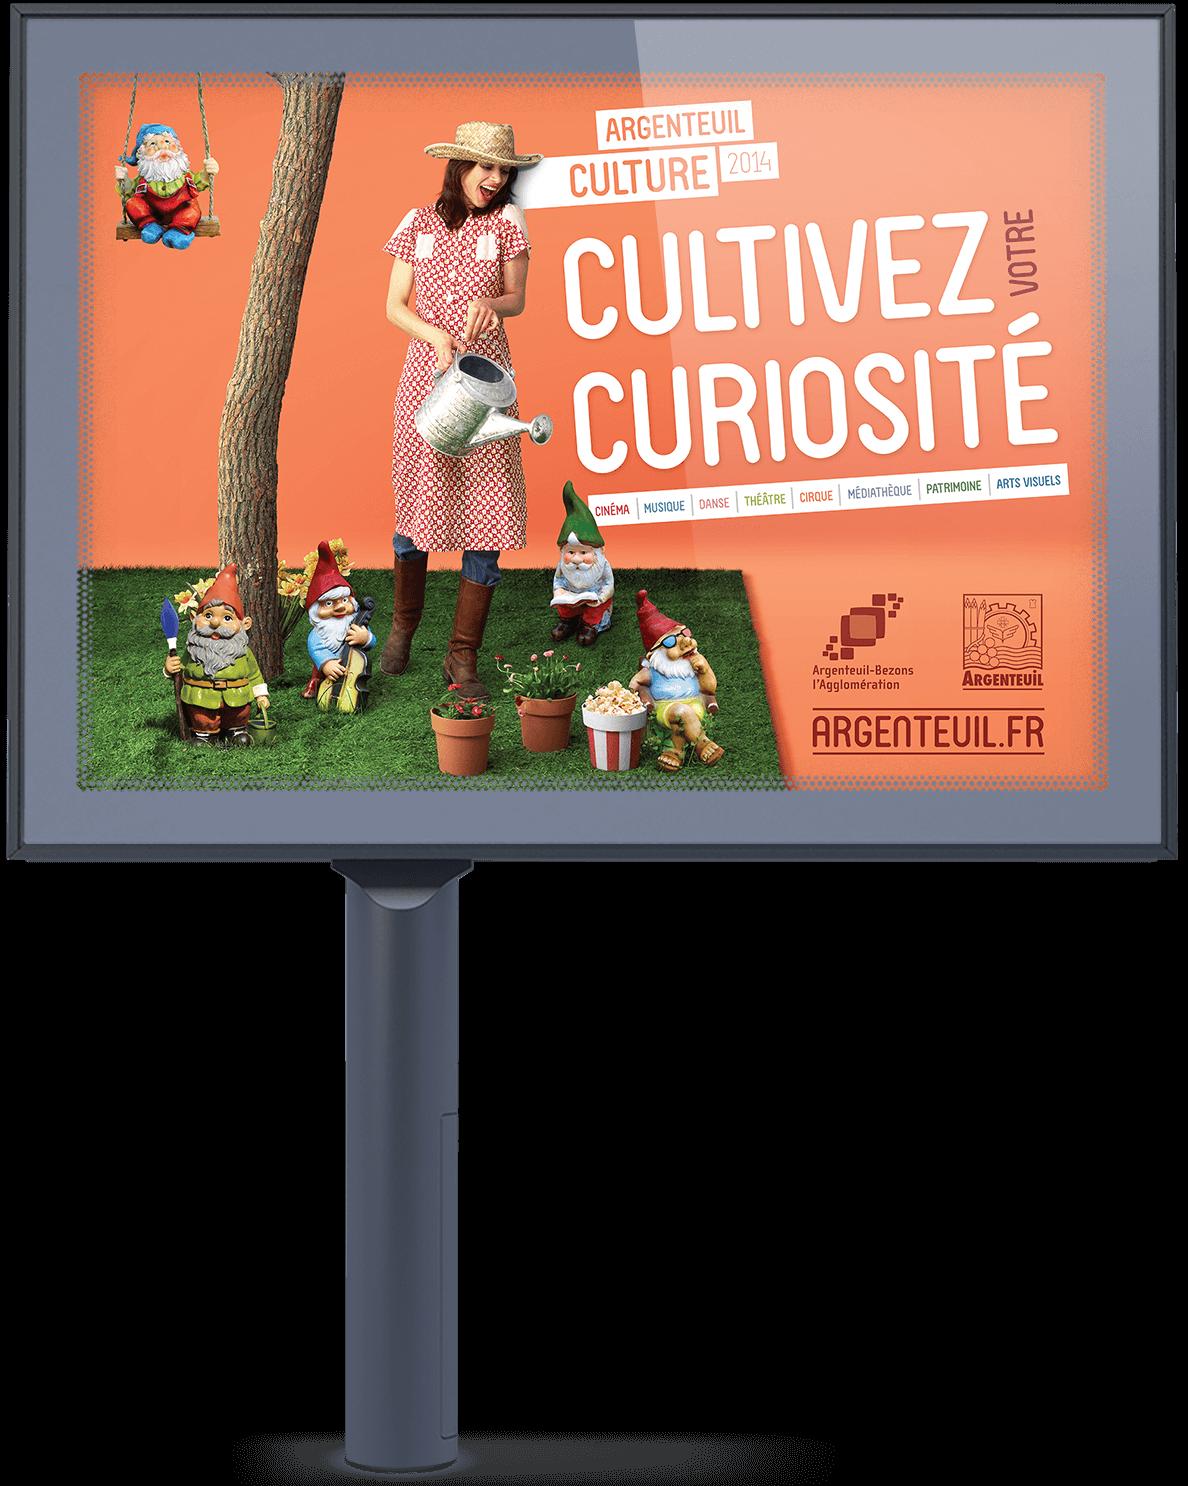 benjamin lecoq - graphiste paris - logo, identité graphique, site internet, motion design, publicité - campagne culture pour la ville d'Argenteuil-Bezons - 4x3 decaux